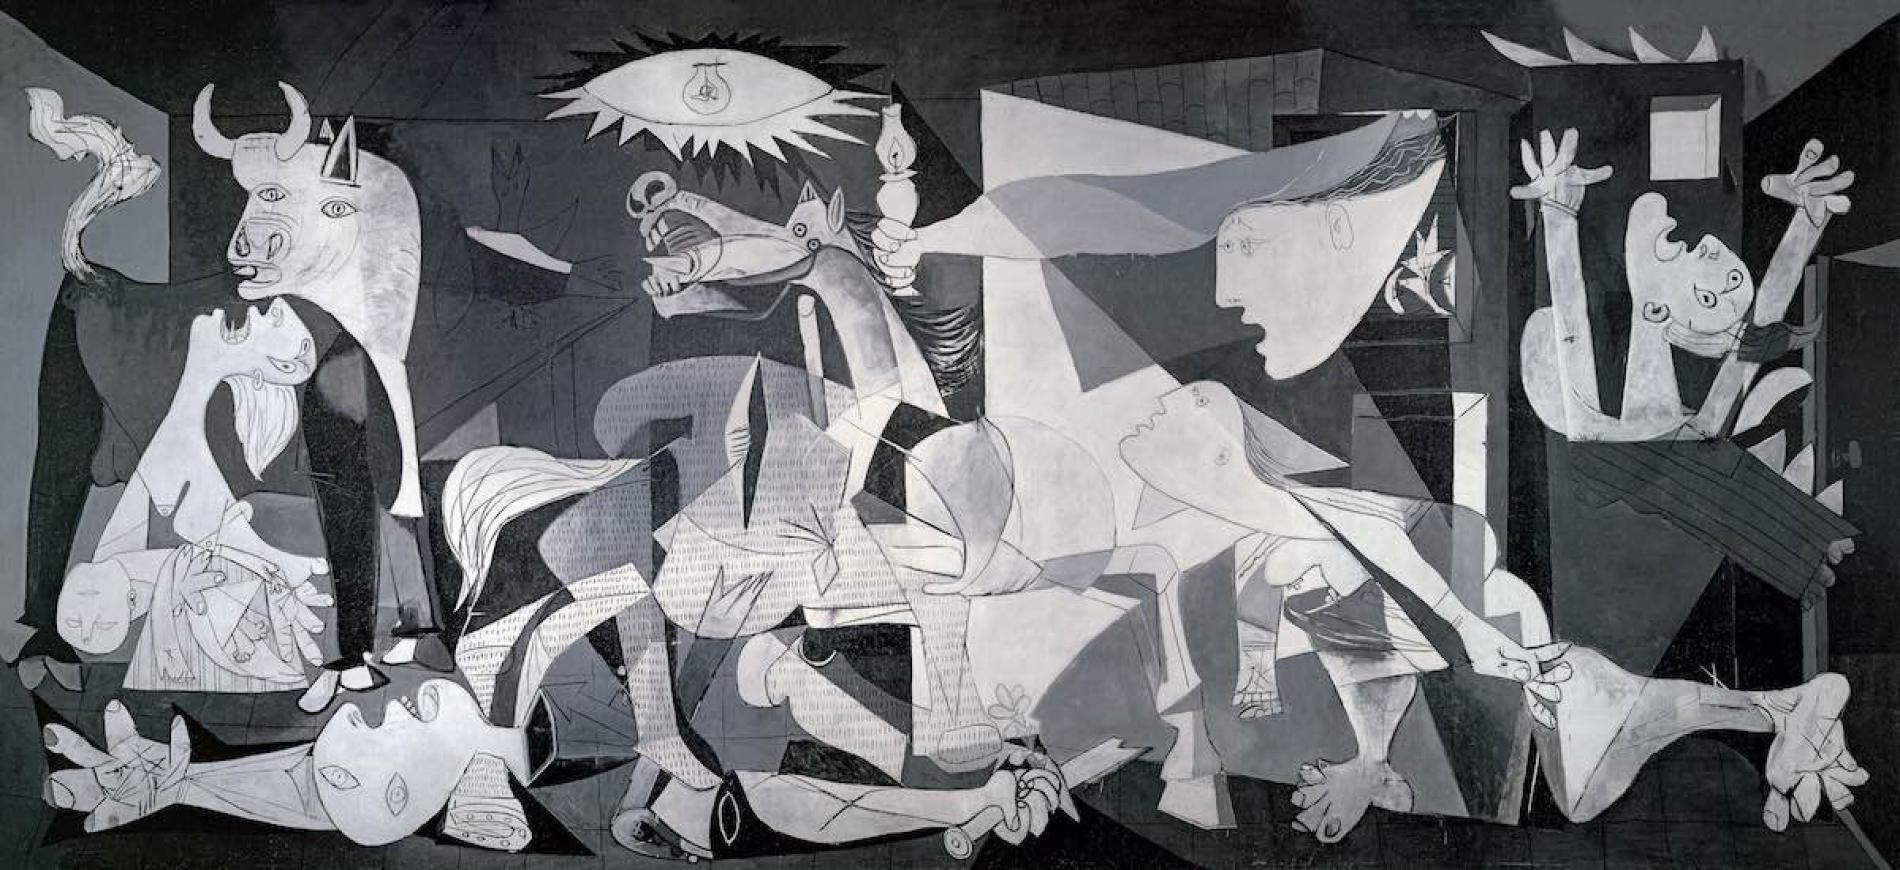 Main_Guernica_BAT-10313.adapt.1900.1